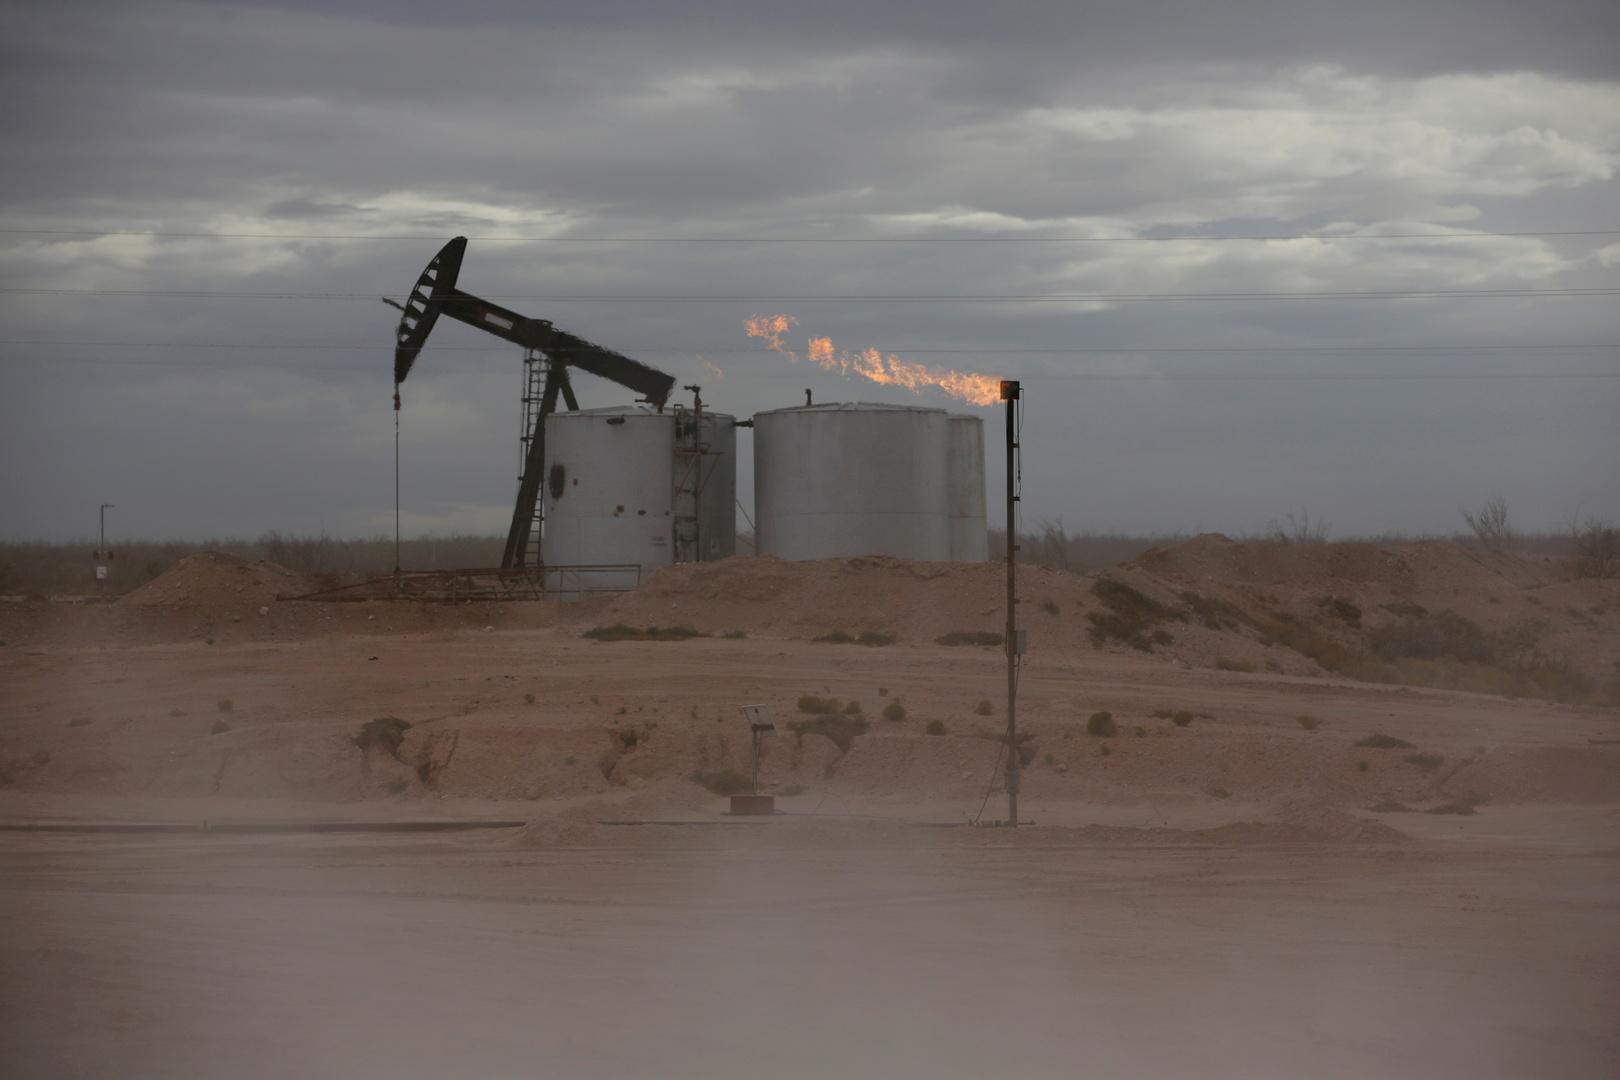 وزير البترول المصري يكشف عن توقعاته لموعد ضخ الغاز إلى لبنان